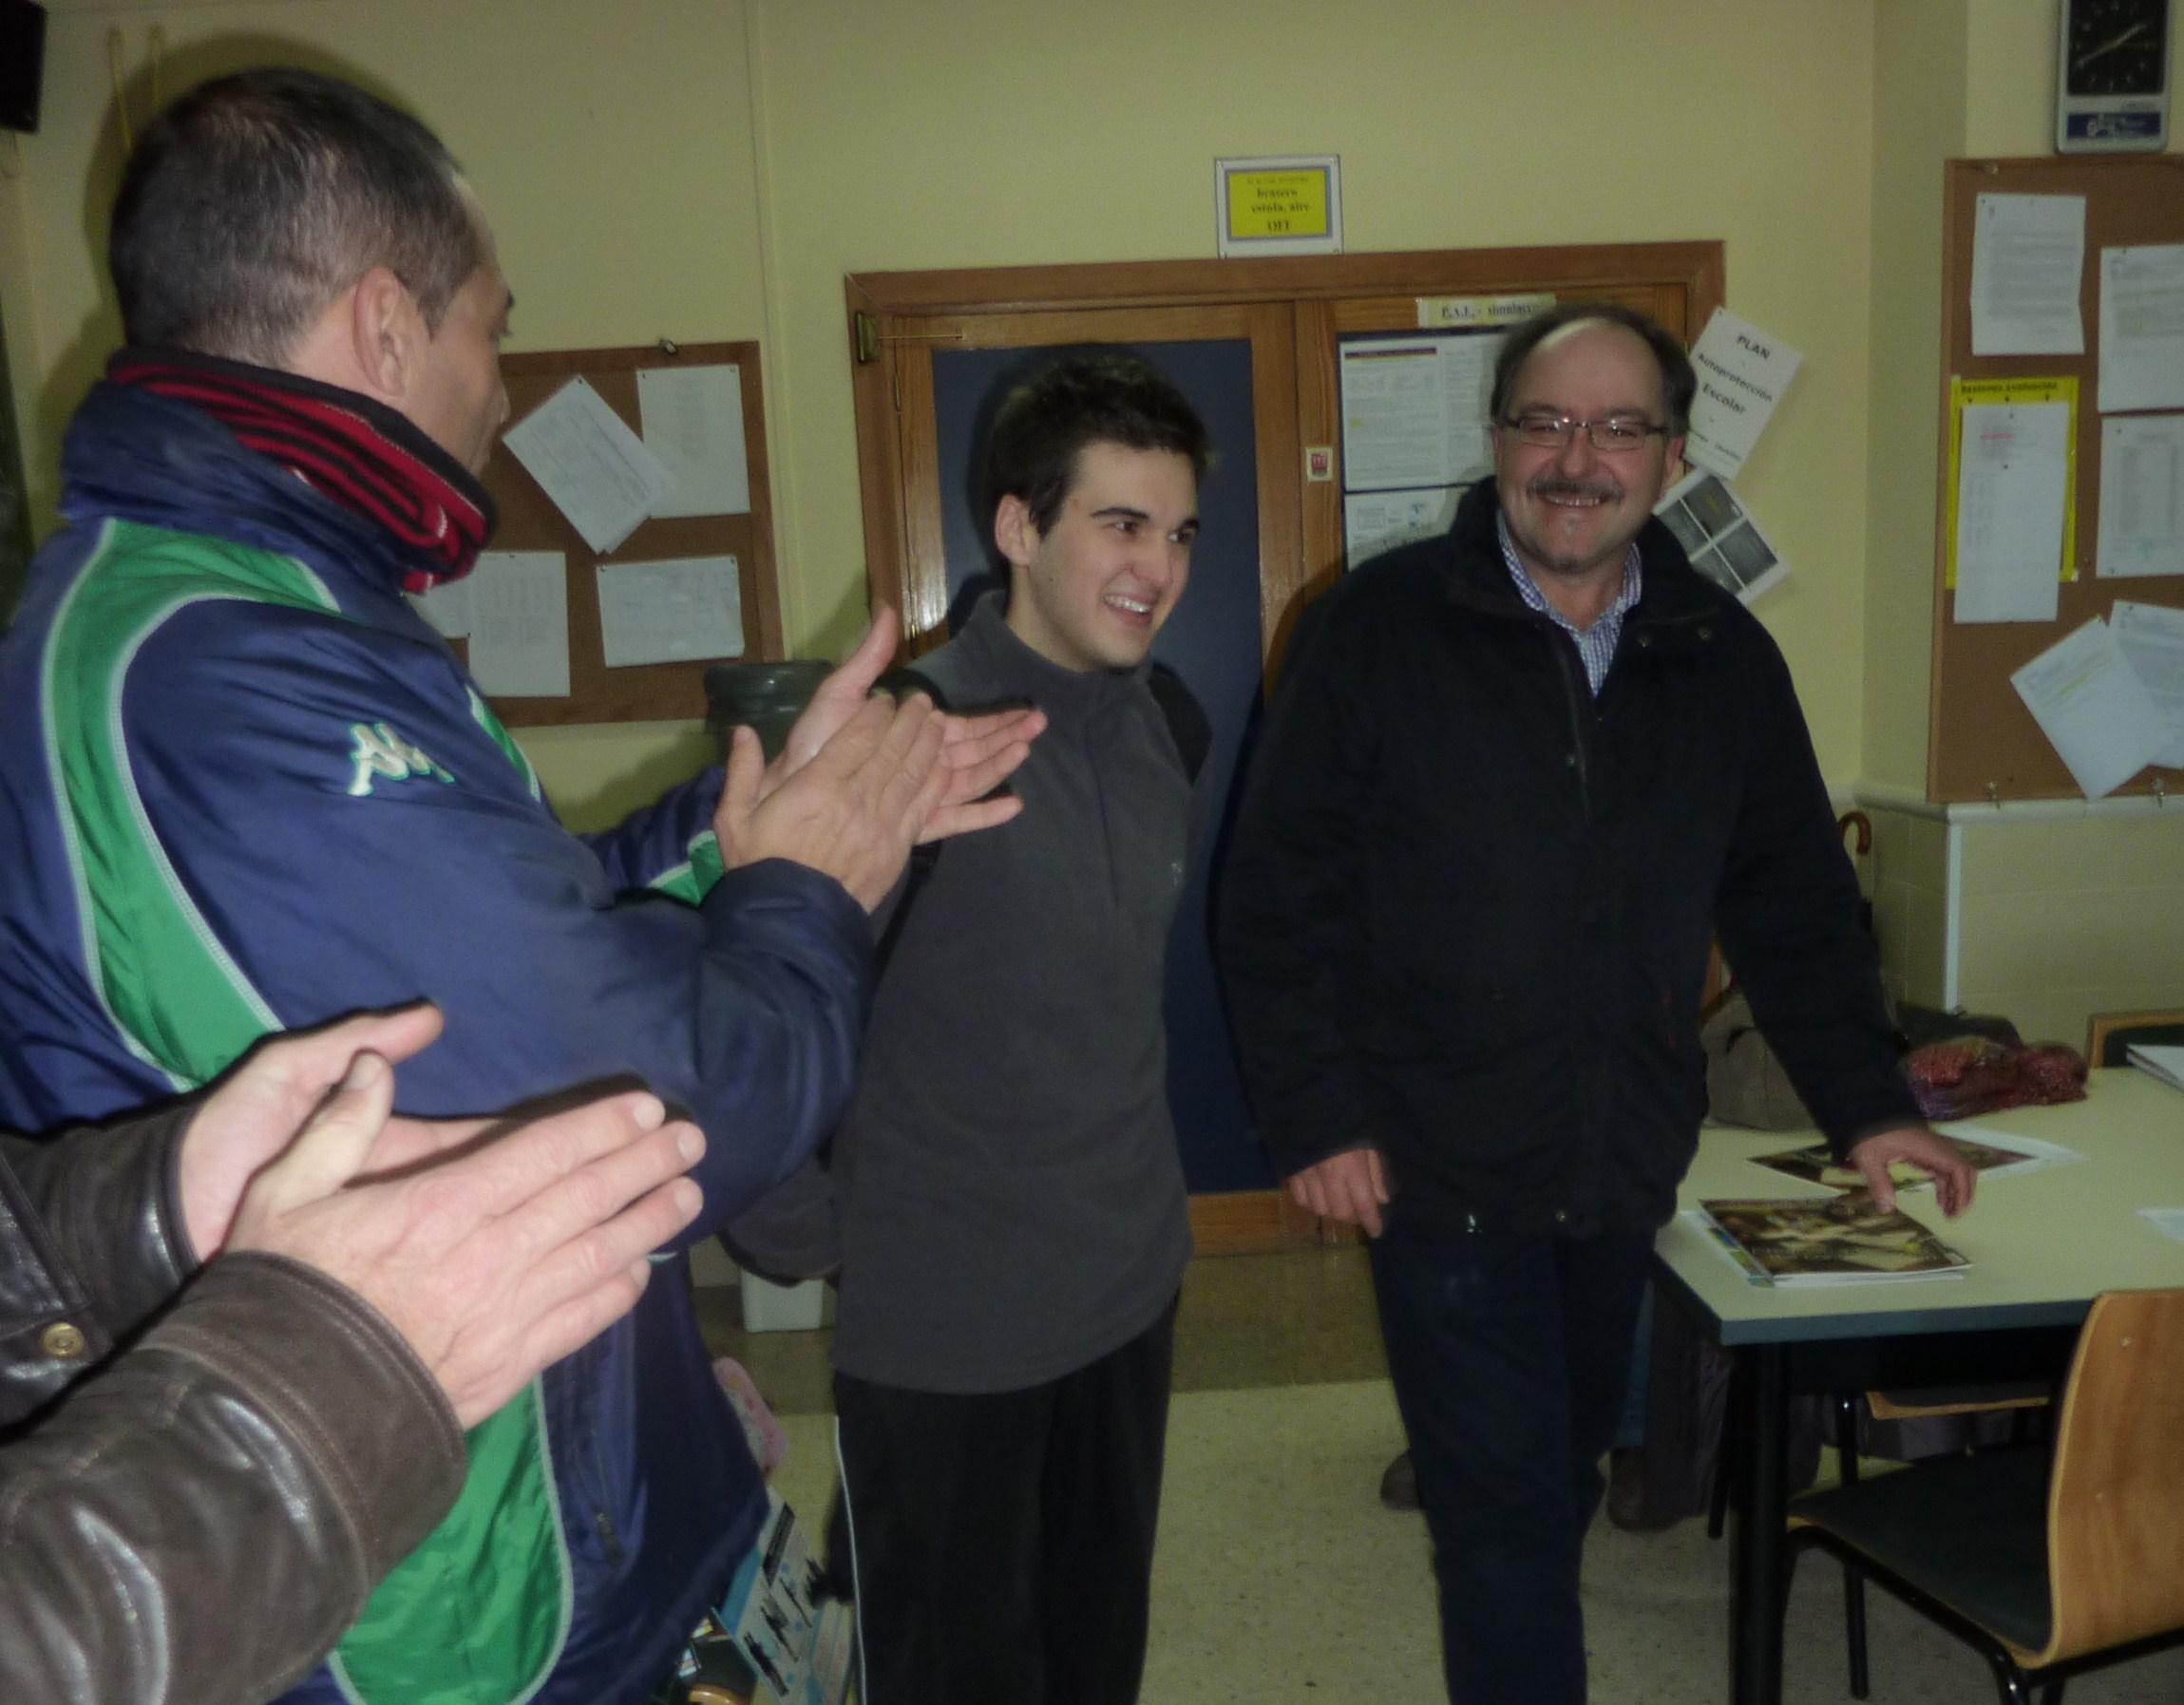 Manuel Estévez Carmona, recibido con aplausos por su título de campeón de España de Taekwondo, categoría Junior, en la Sala de Profesores del Centro